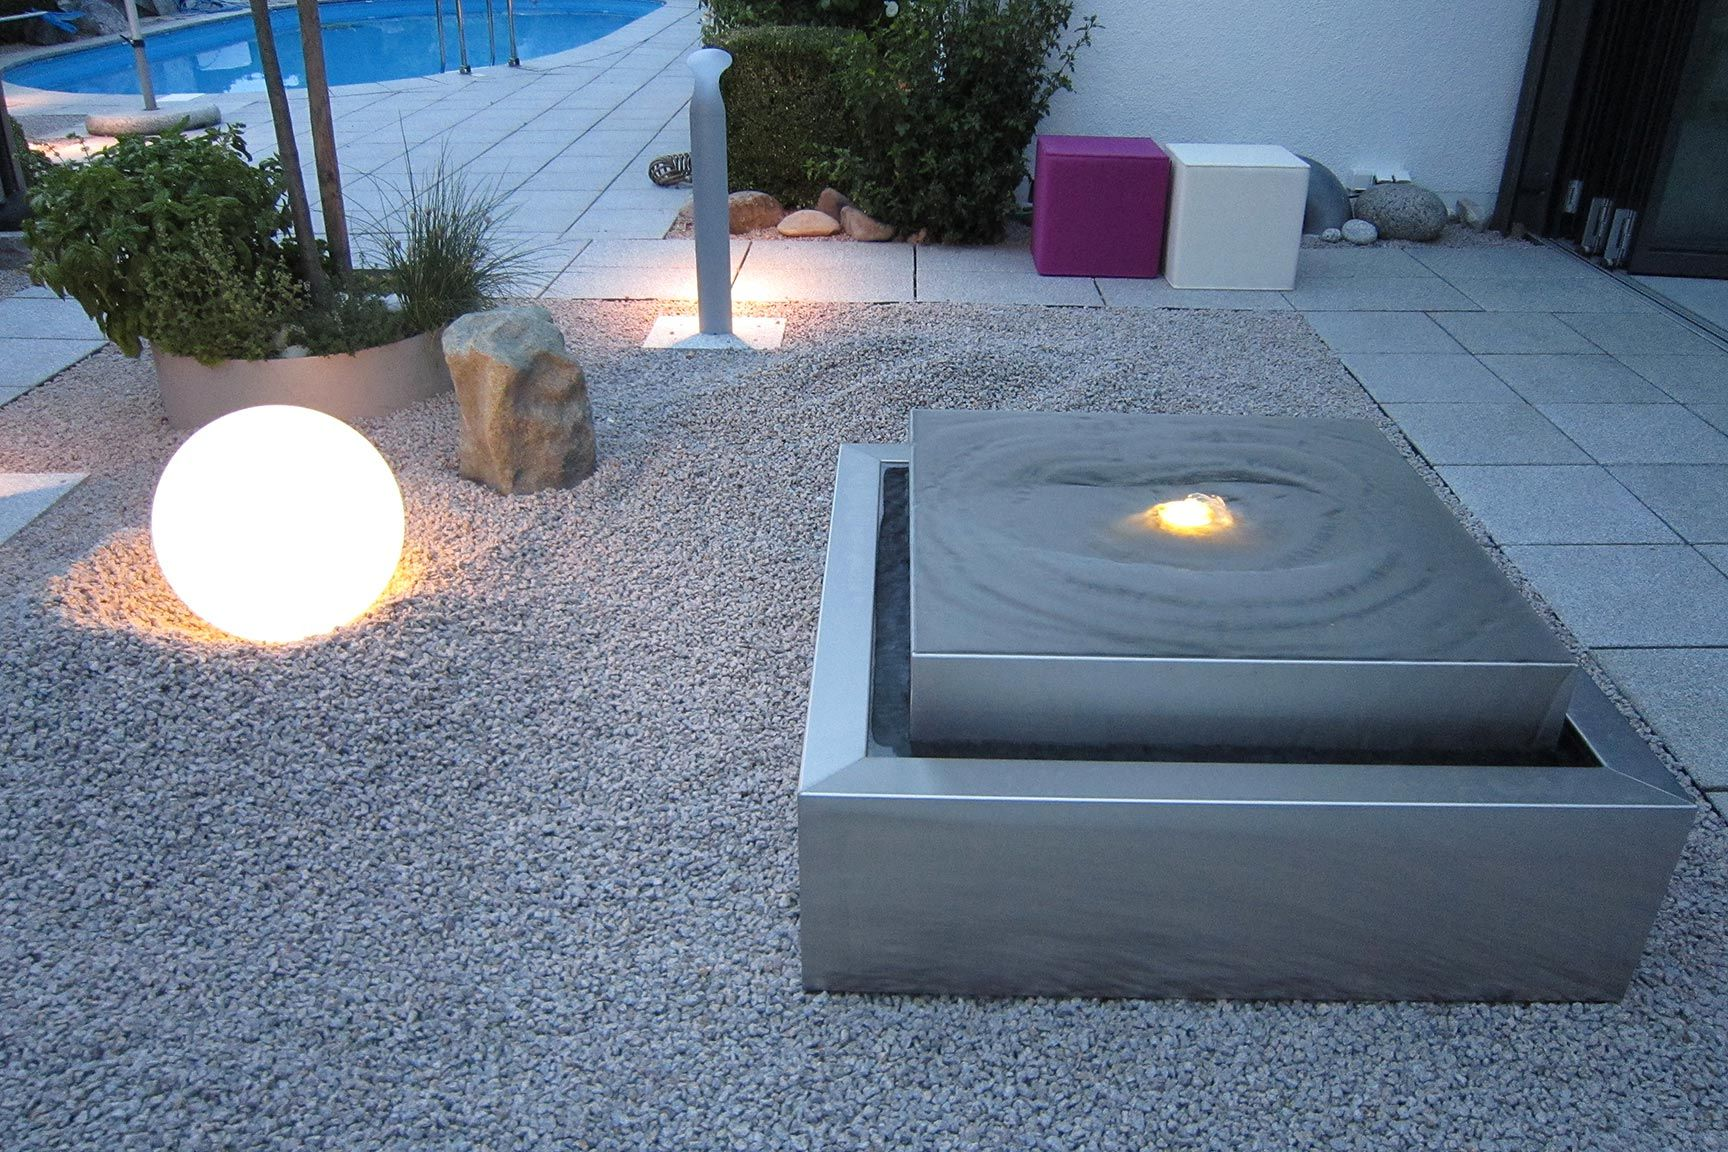 Edelstahl gartenbrunnen in kubistischer form kubusbrunnen edelstahlbrunnen kubus design modern - Gartenbrunnen modern ...